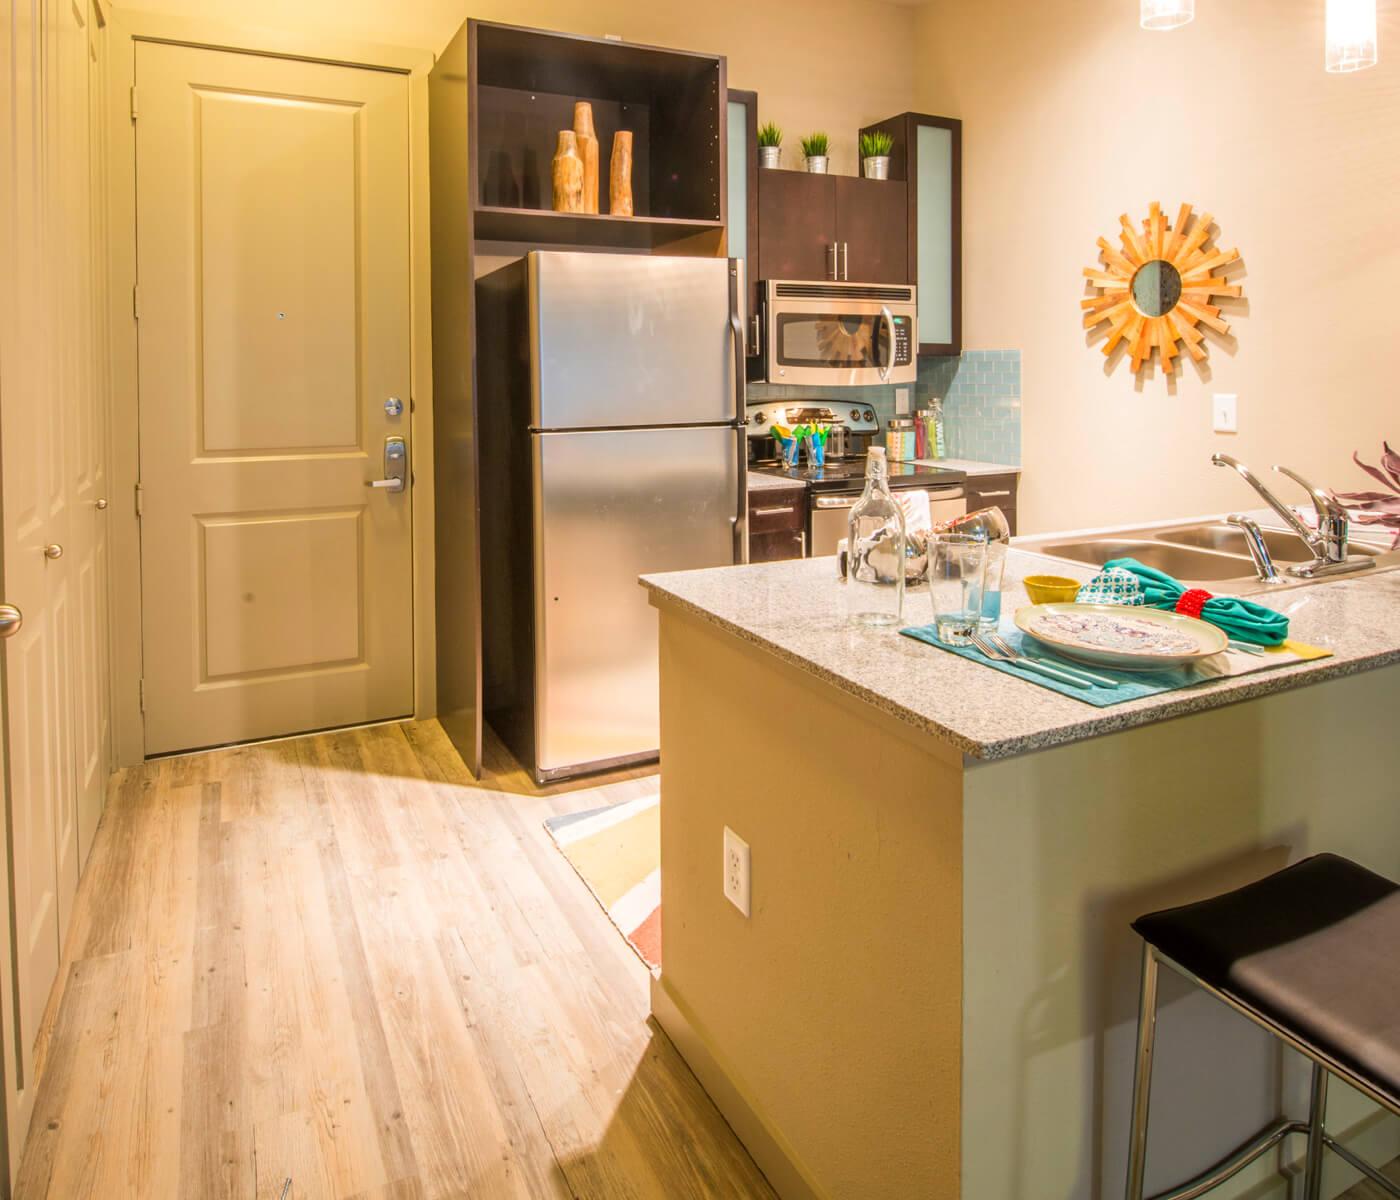 Loft-Vue-off-campus-student-housing-apts-kitchen